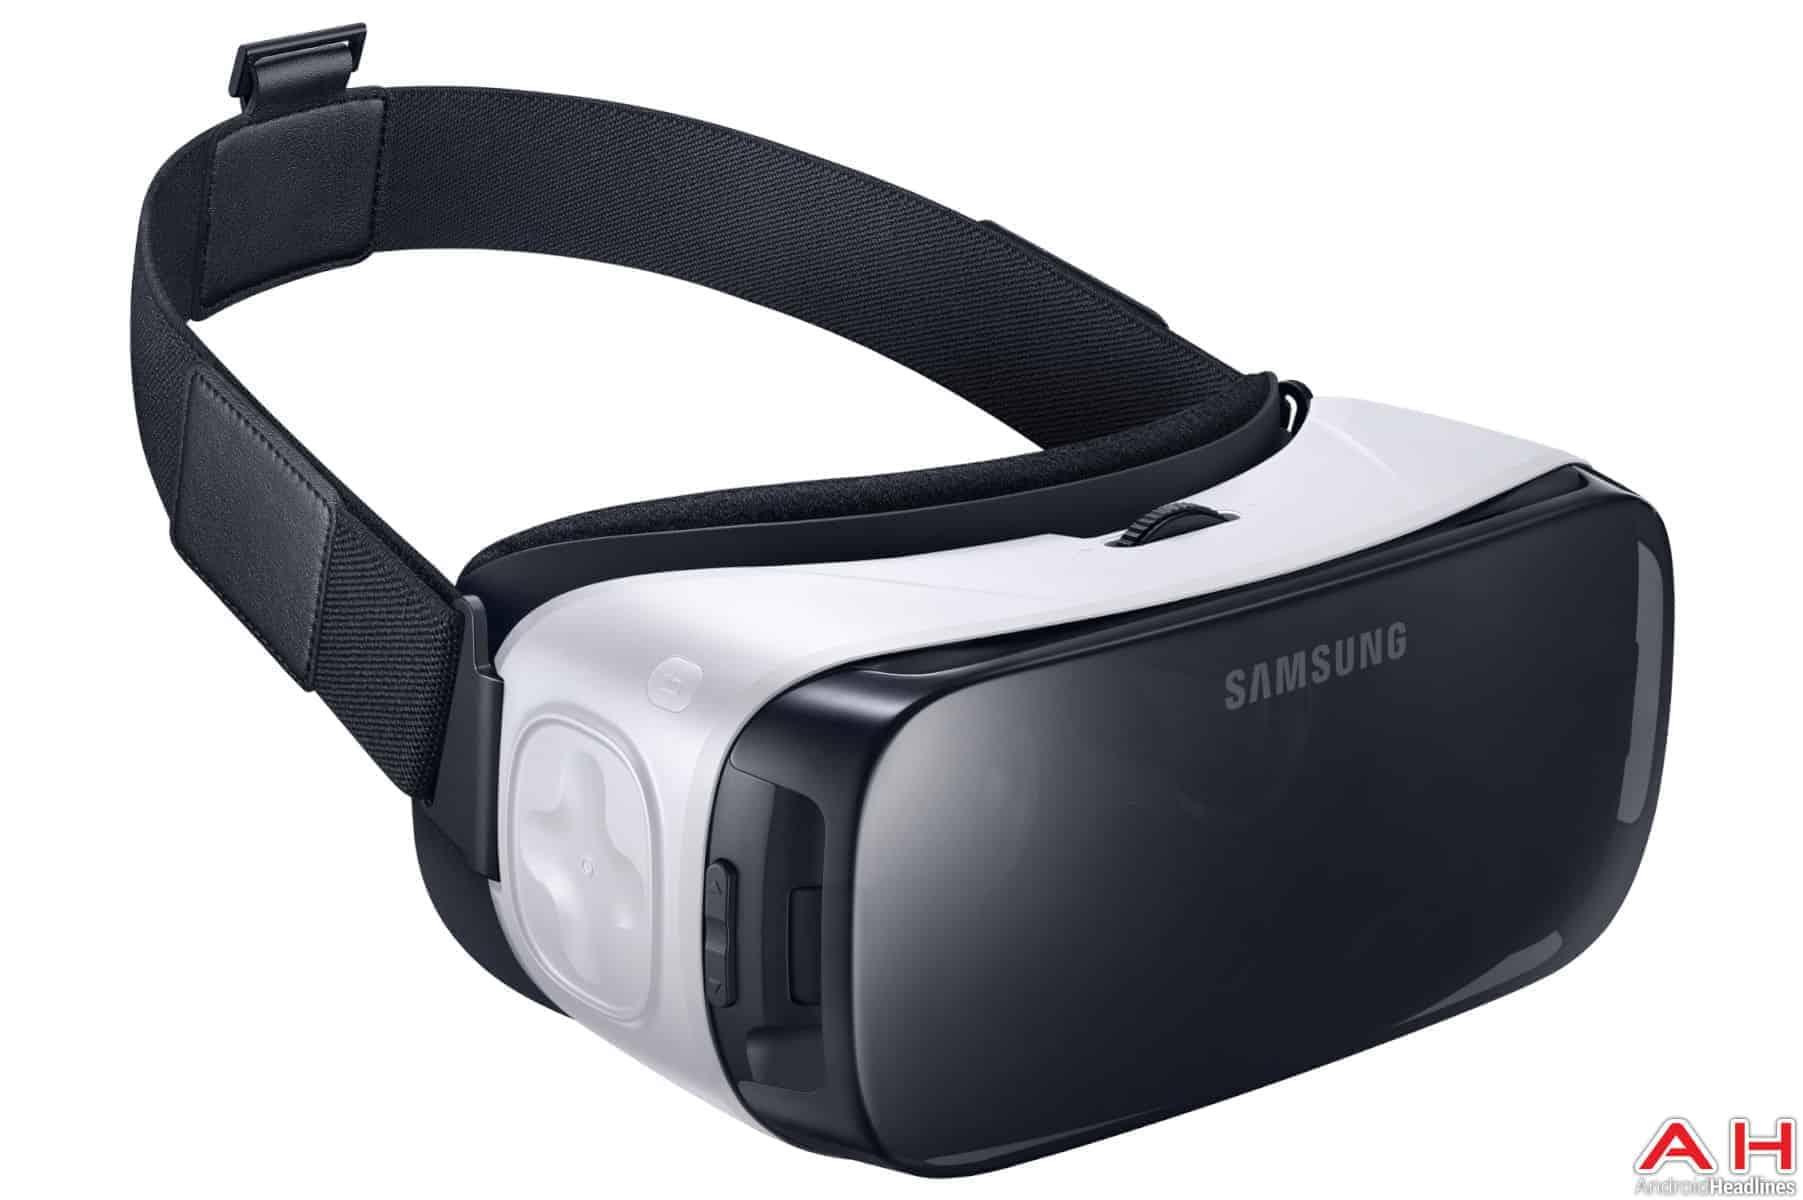 Samsung-Consumer-Gear-VR-4.jpg